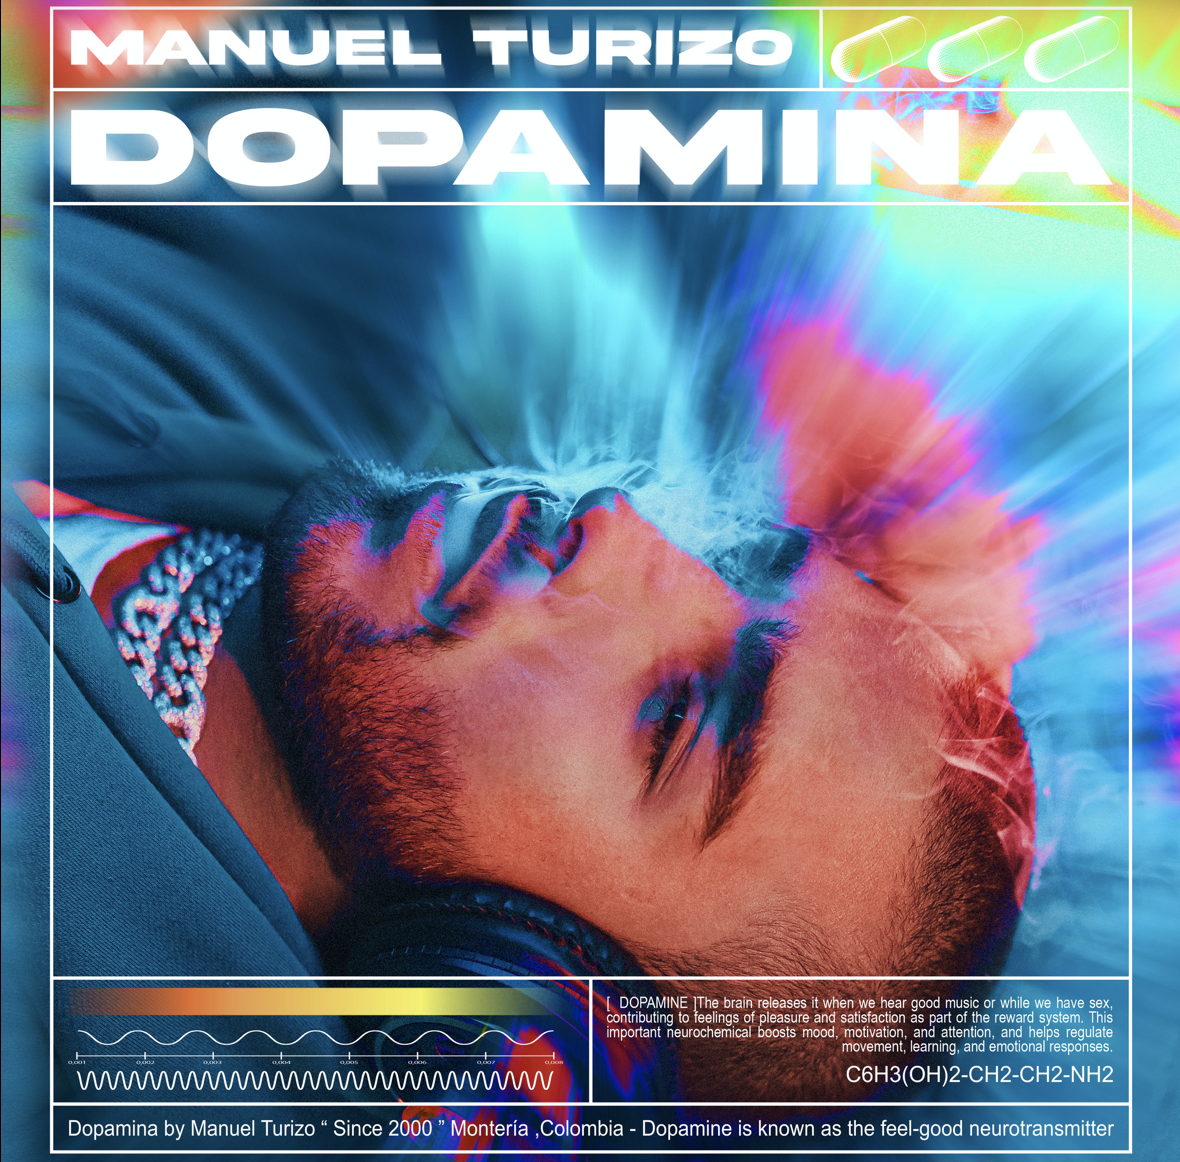 Manuel Turizo